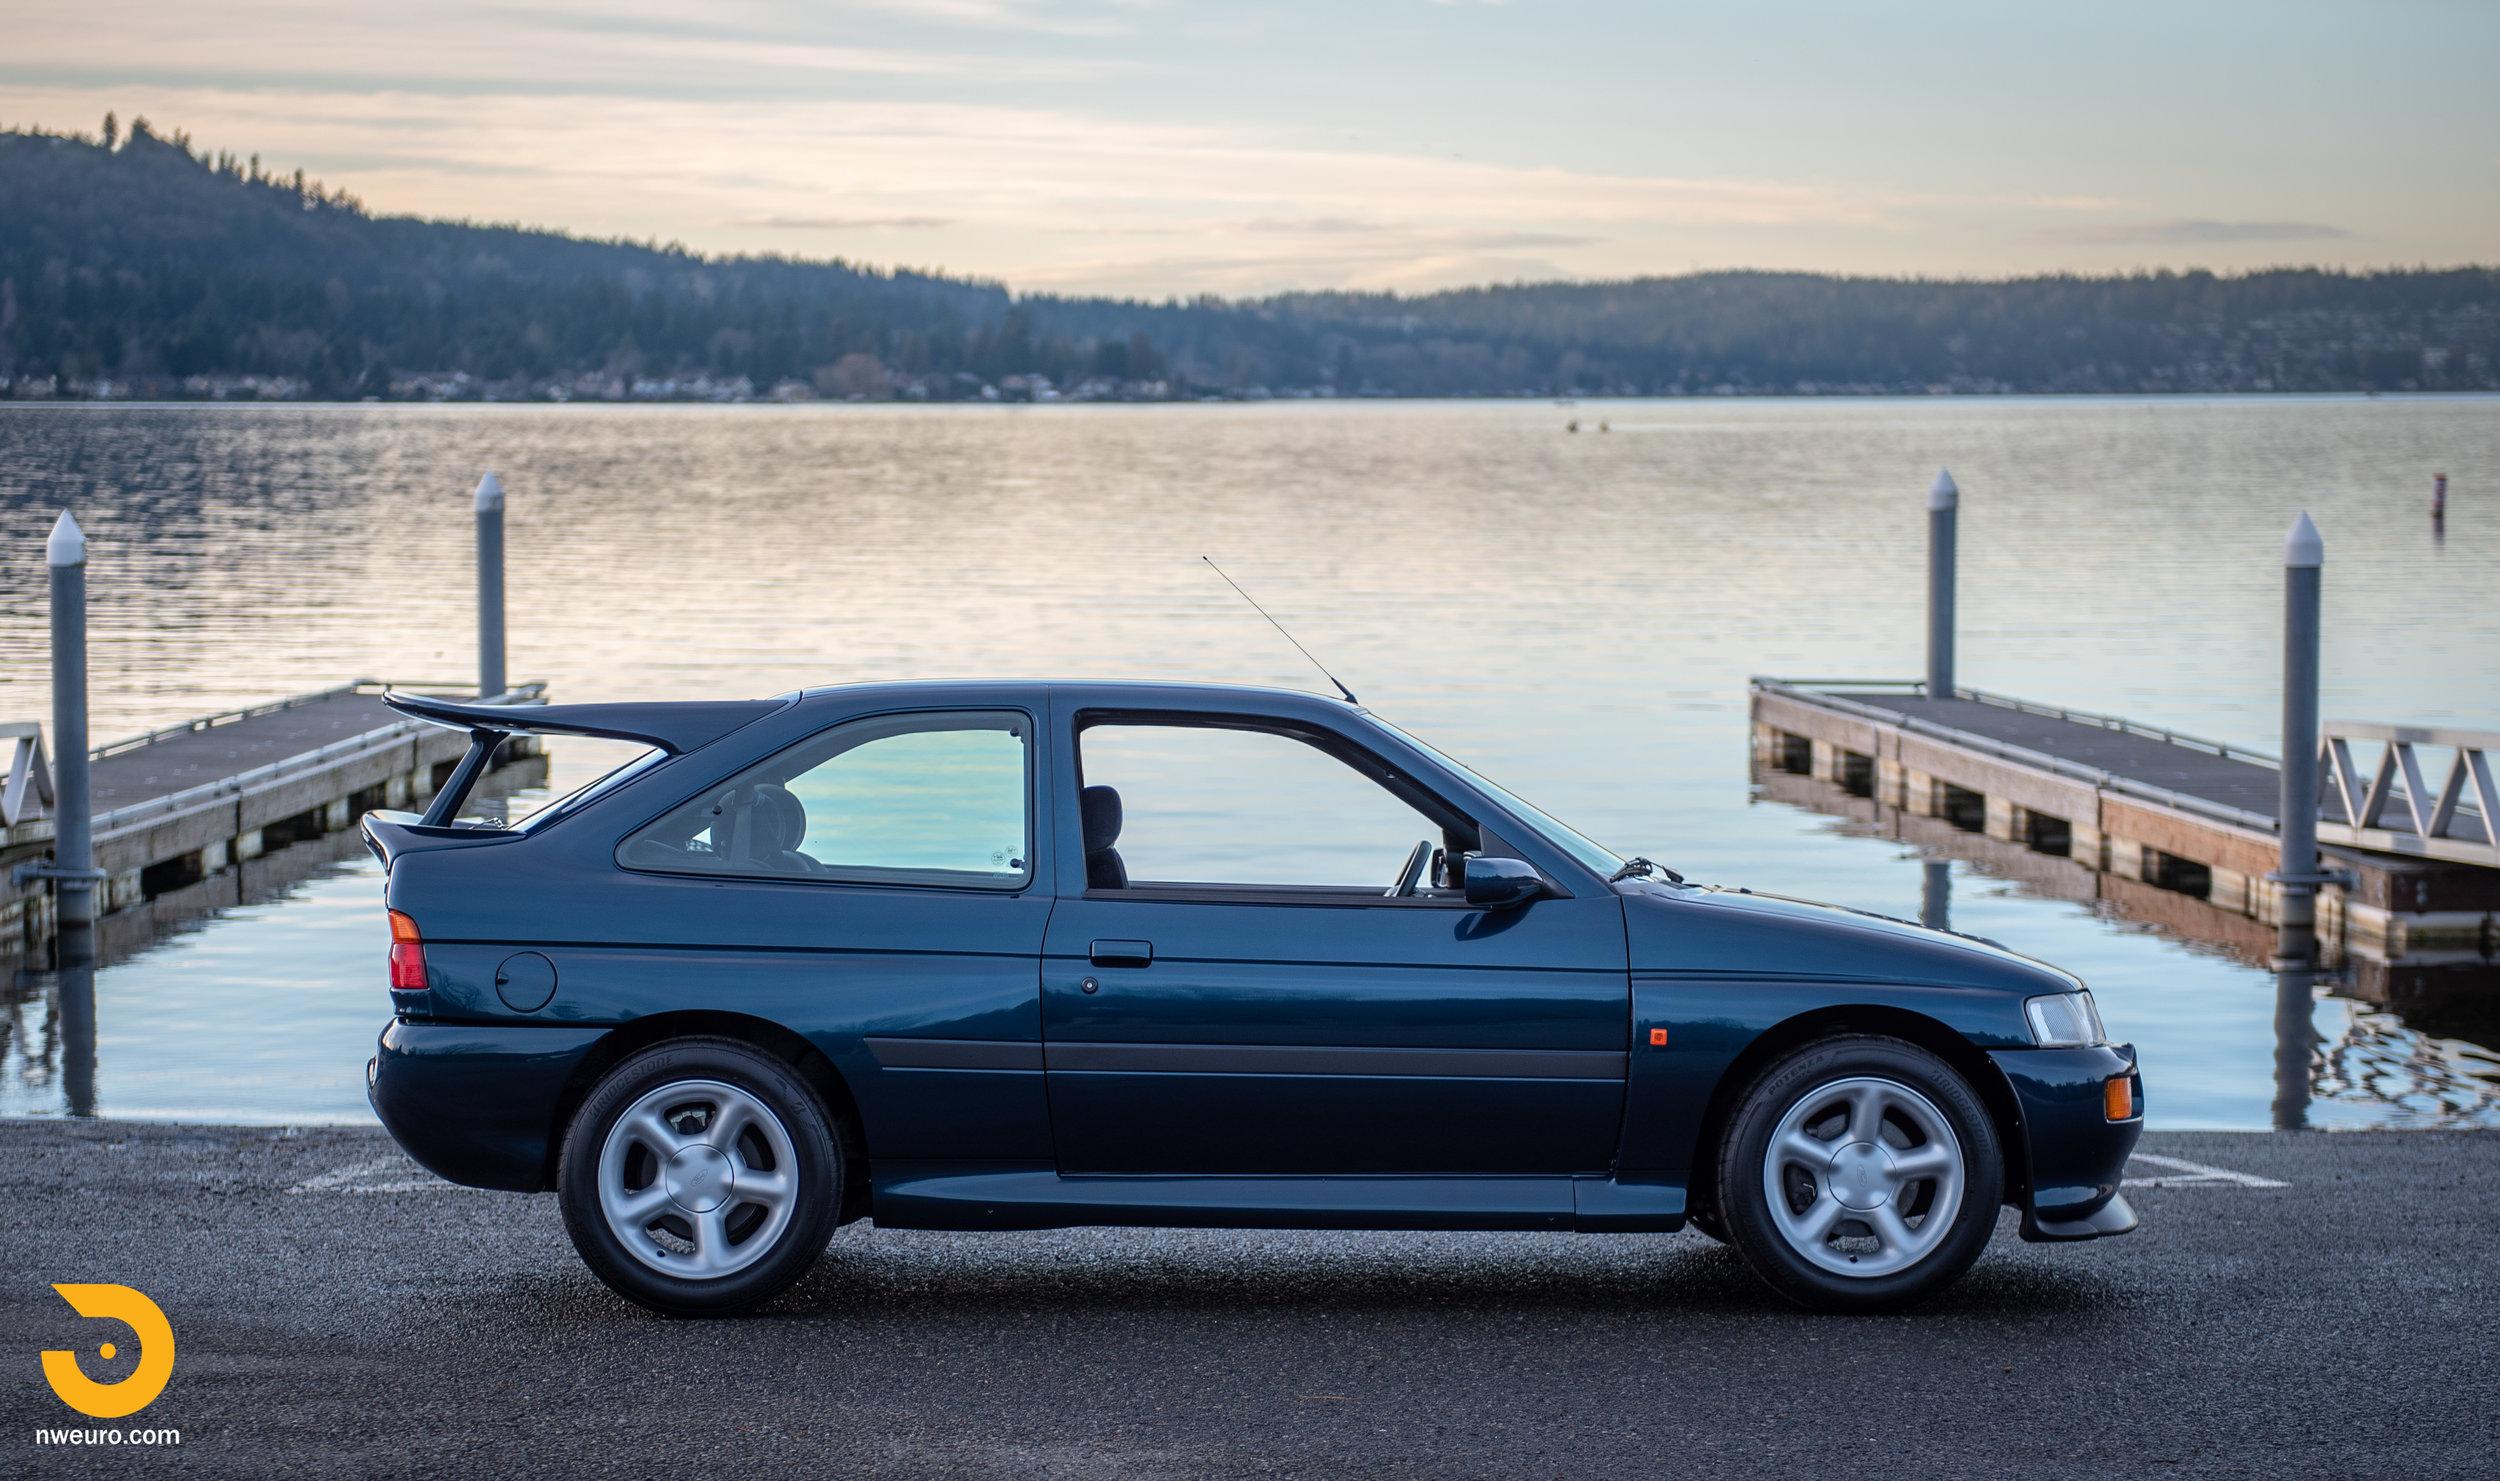 1995 Ford Escort Cosworth - Petrol Blue-61.jpg